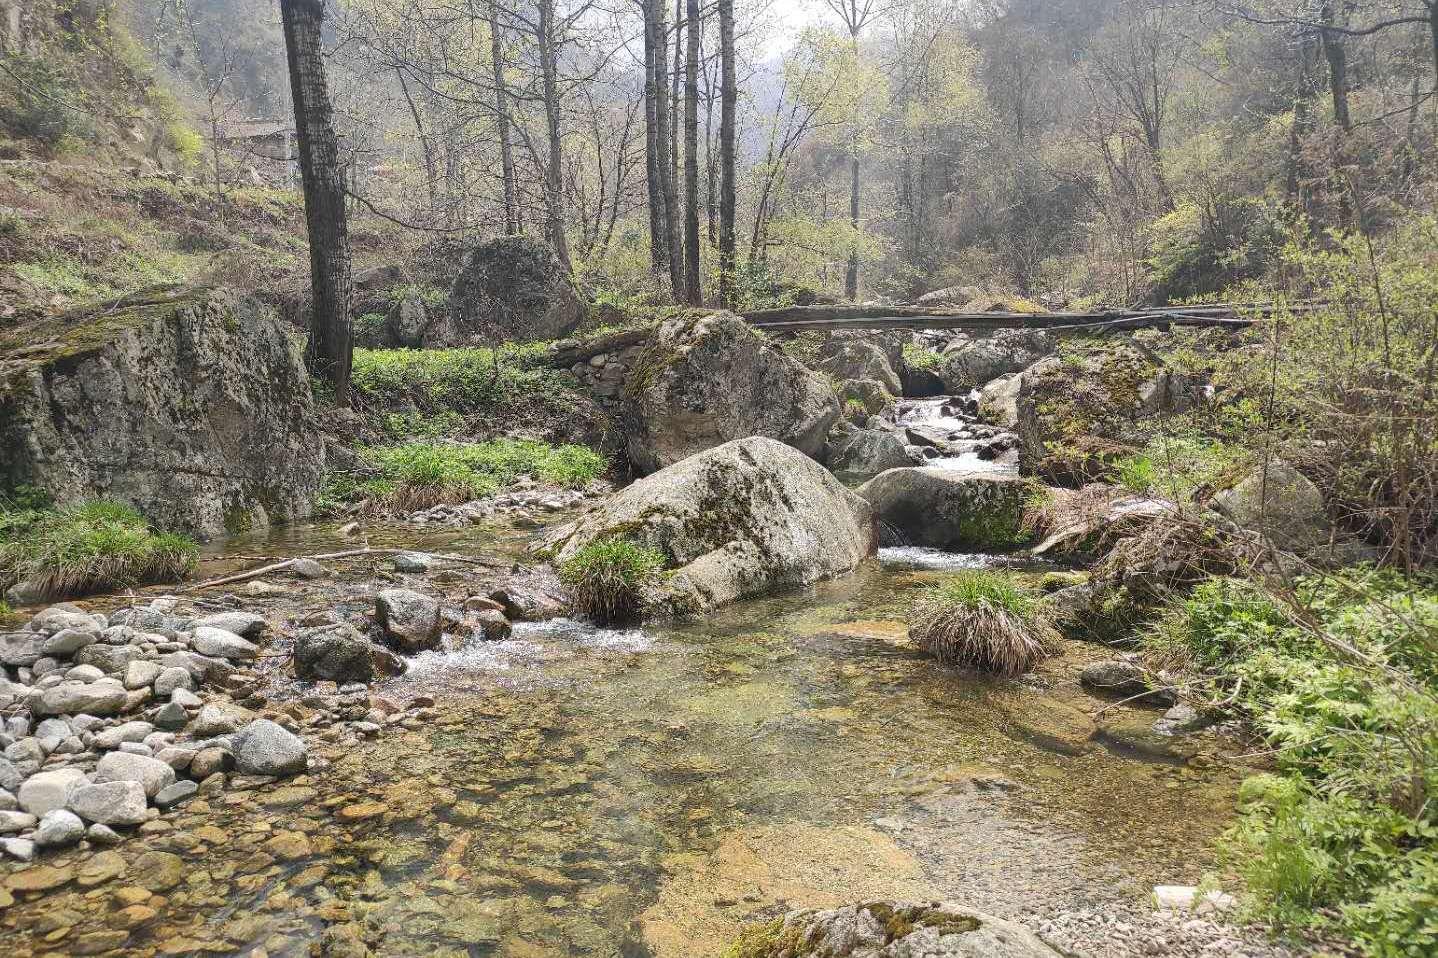 终南山有小桥流水的院子,还有一片自留山和自留地,在此隐居可好